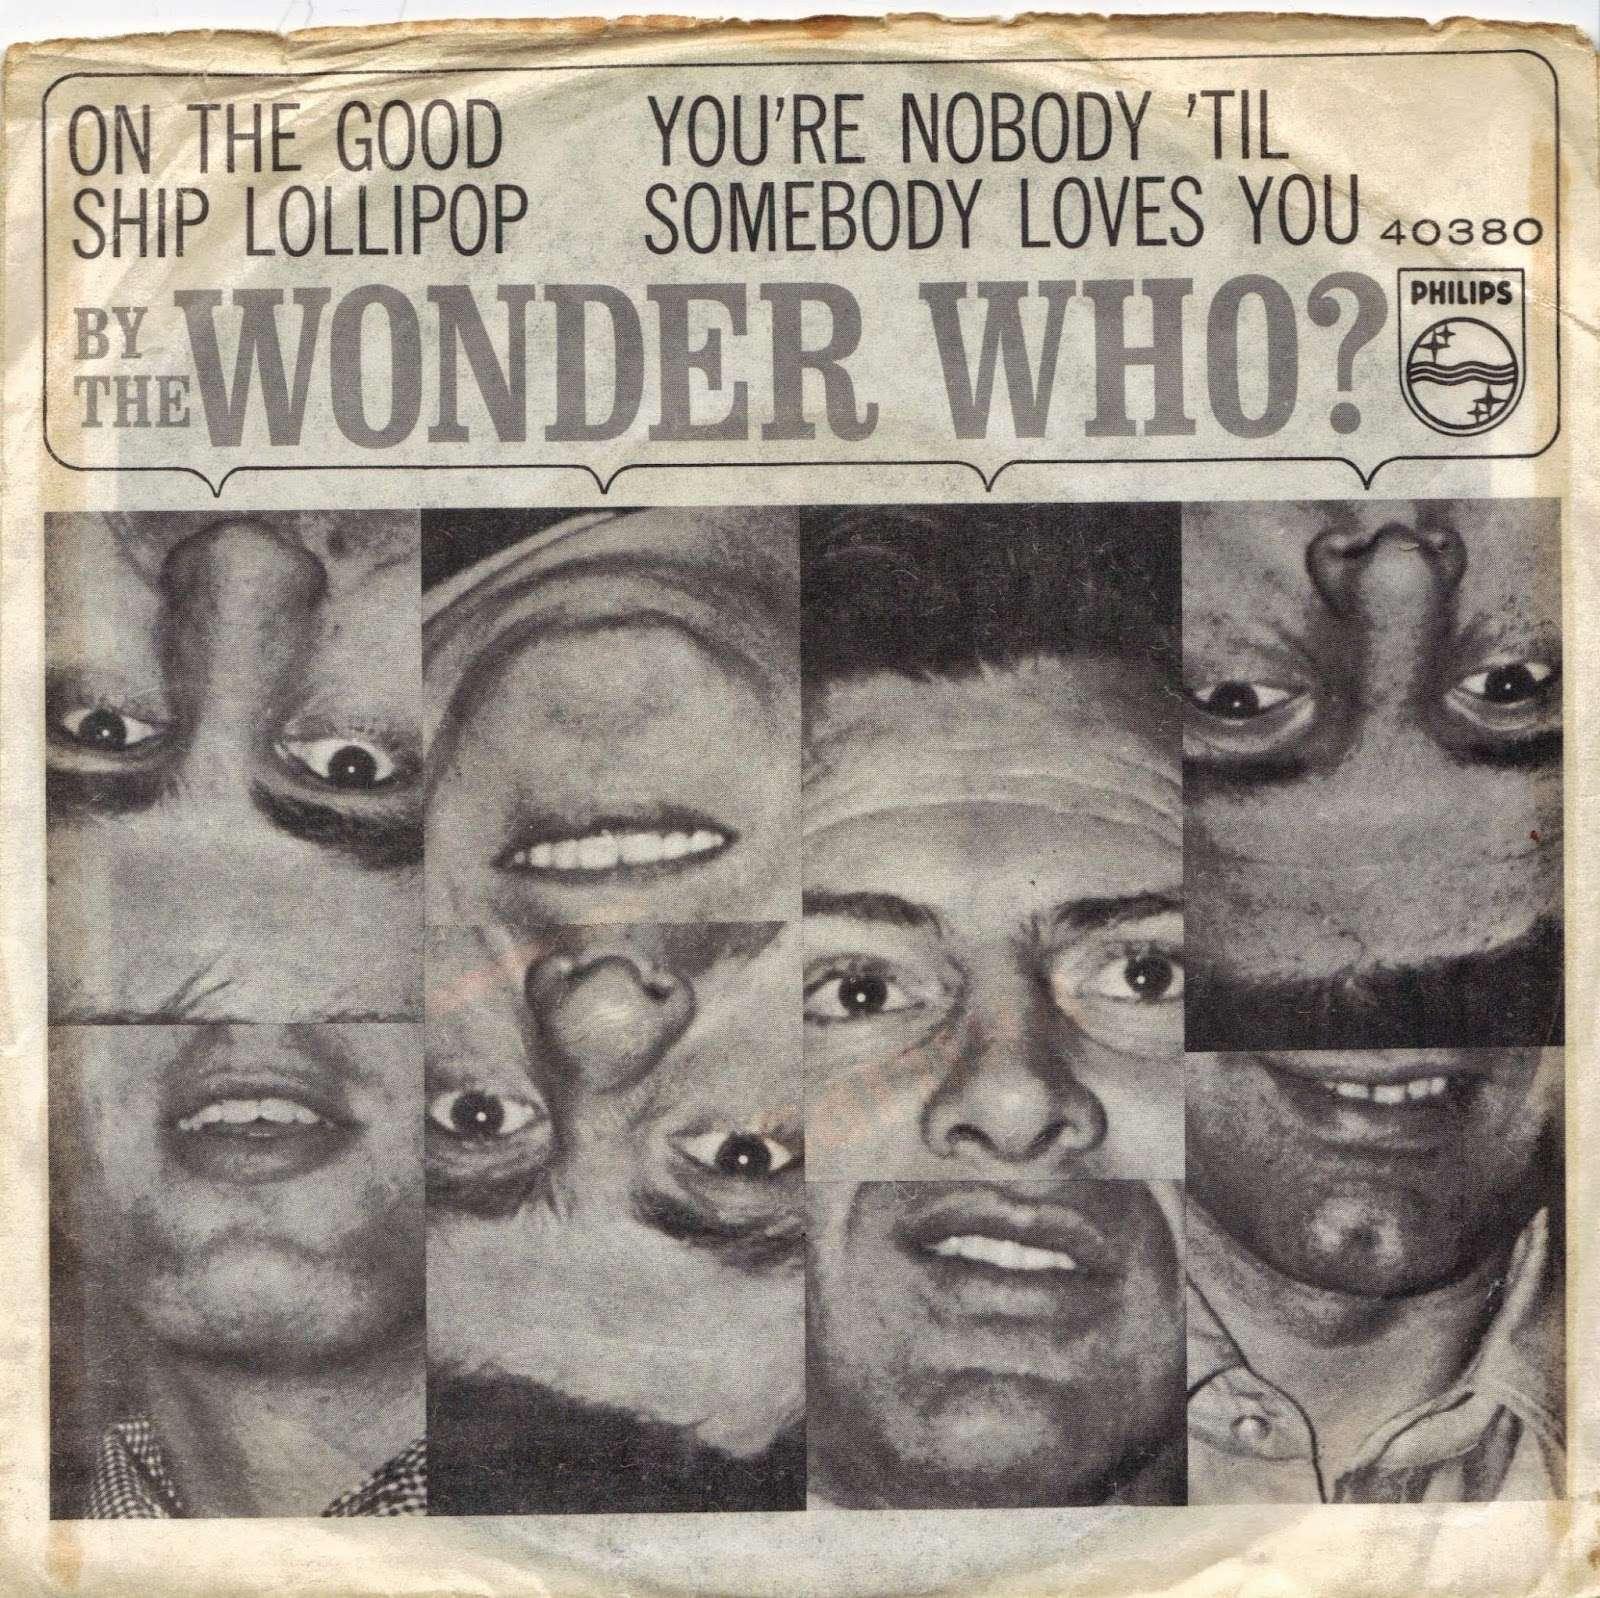 November 27, 1965 WxInhv